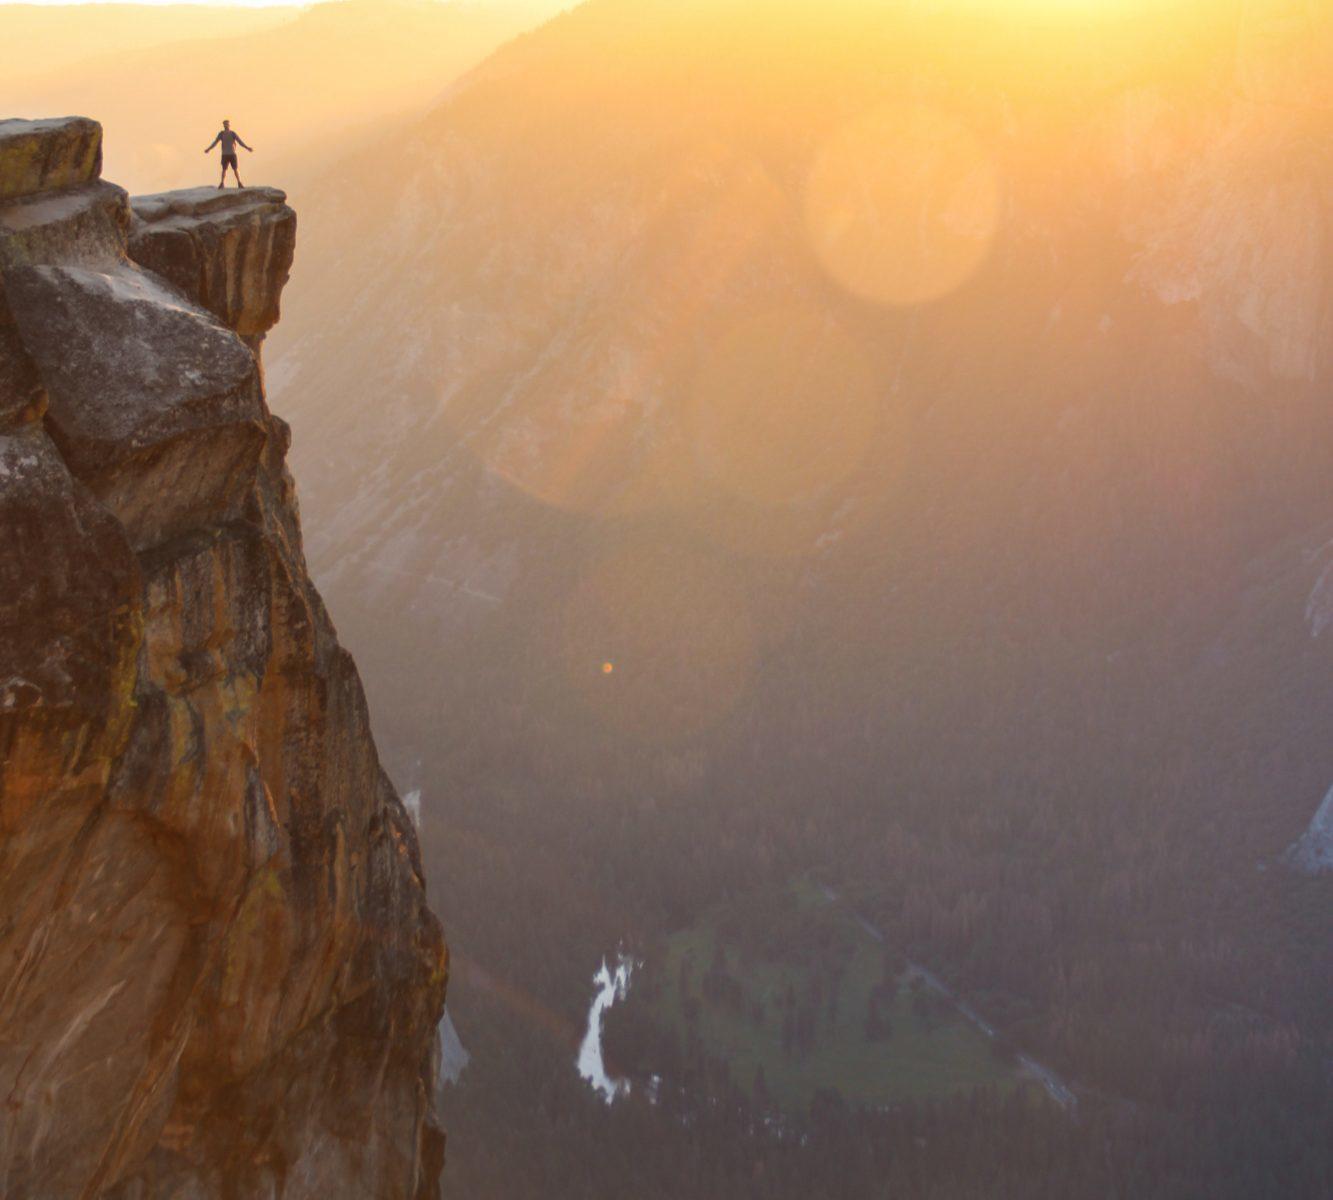 崖にいる男